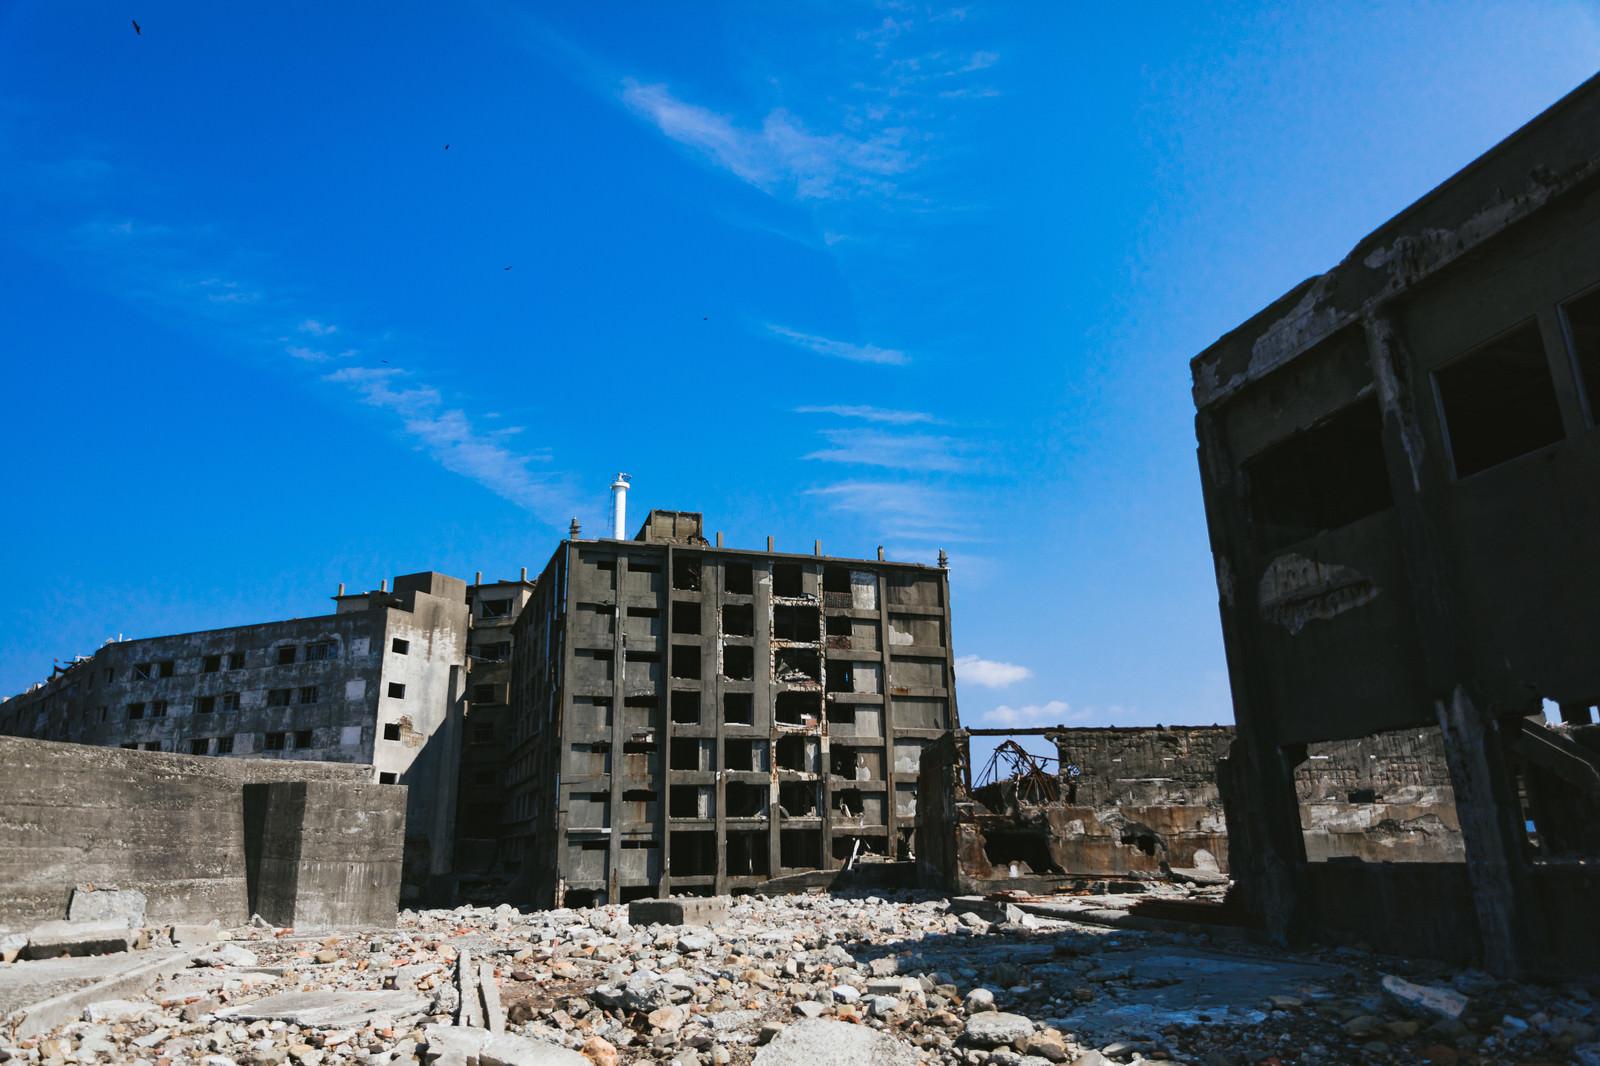 「第三見学広場から見る日給社宅(軍艦島)」の写真